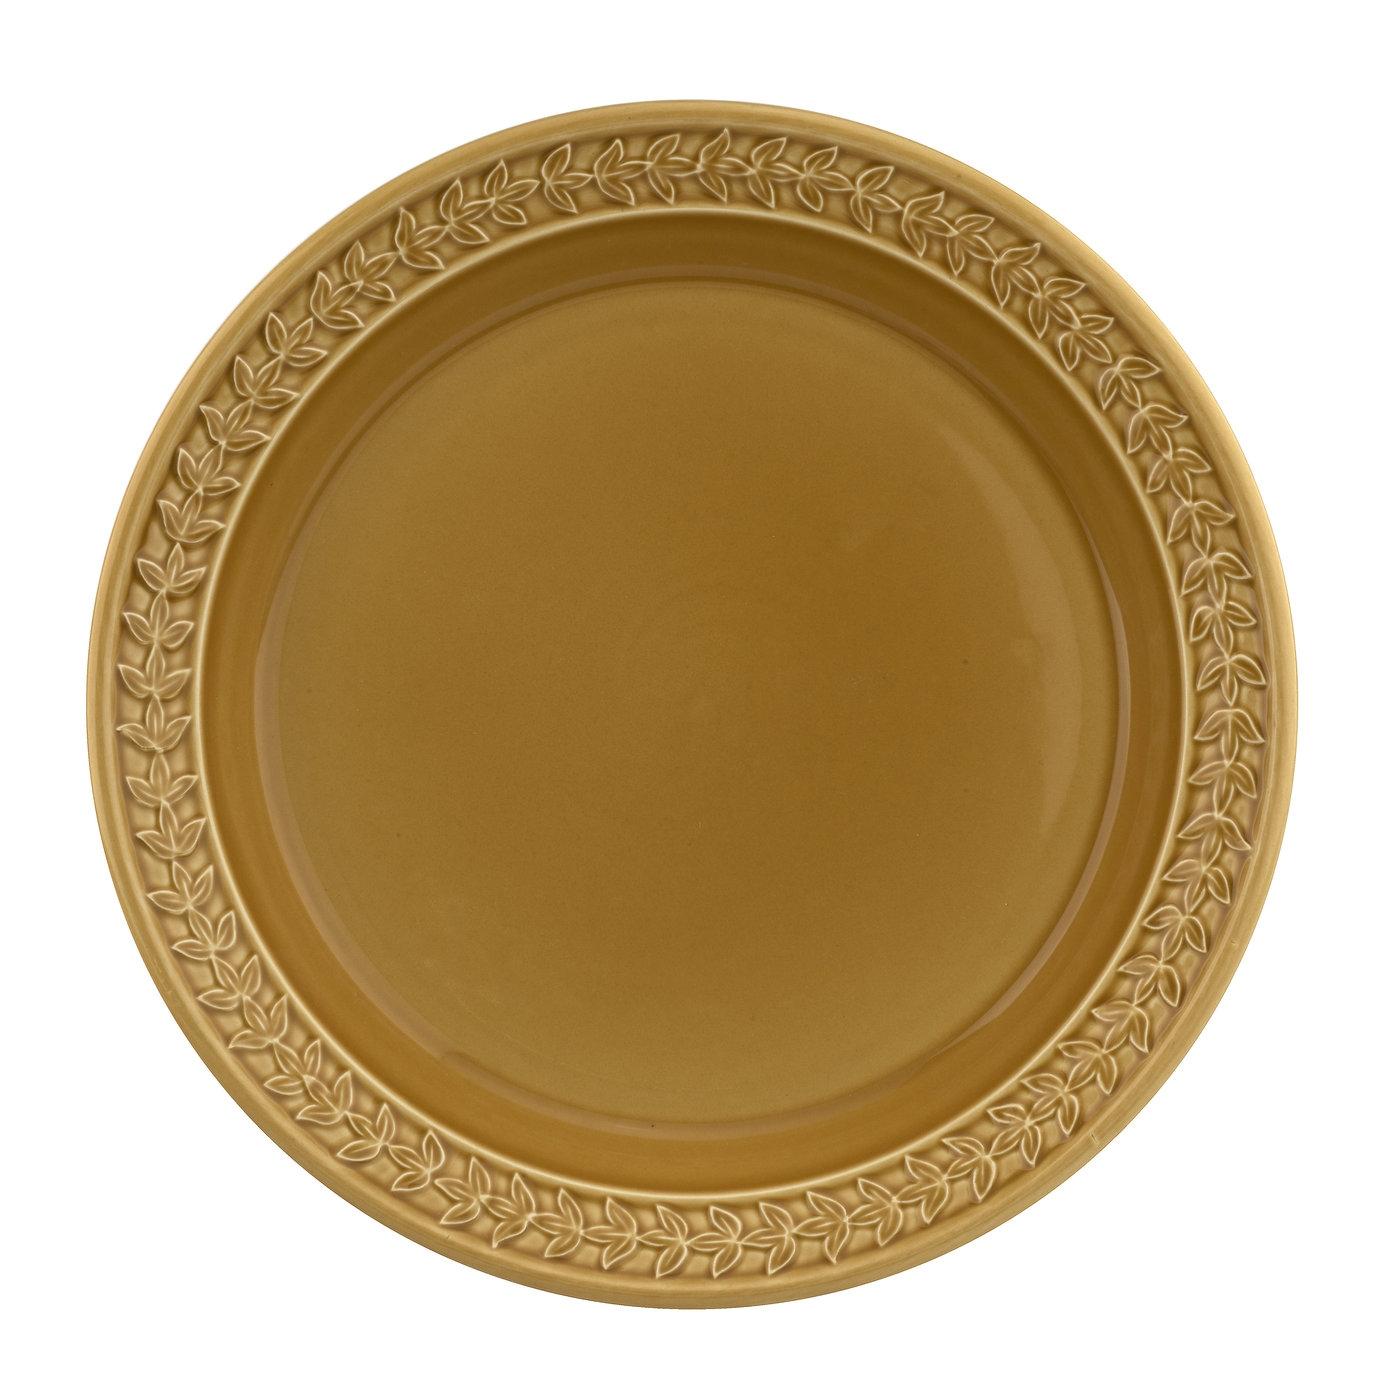 포트메리온 '보타닉 가든 하모니' 디너 접시 Portmeirion Botanic Garden Harmony Amber 10.5 Inch Dinner Plate